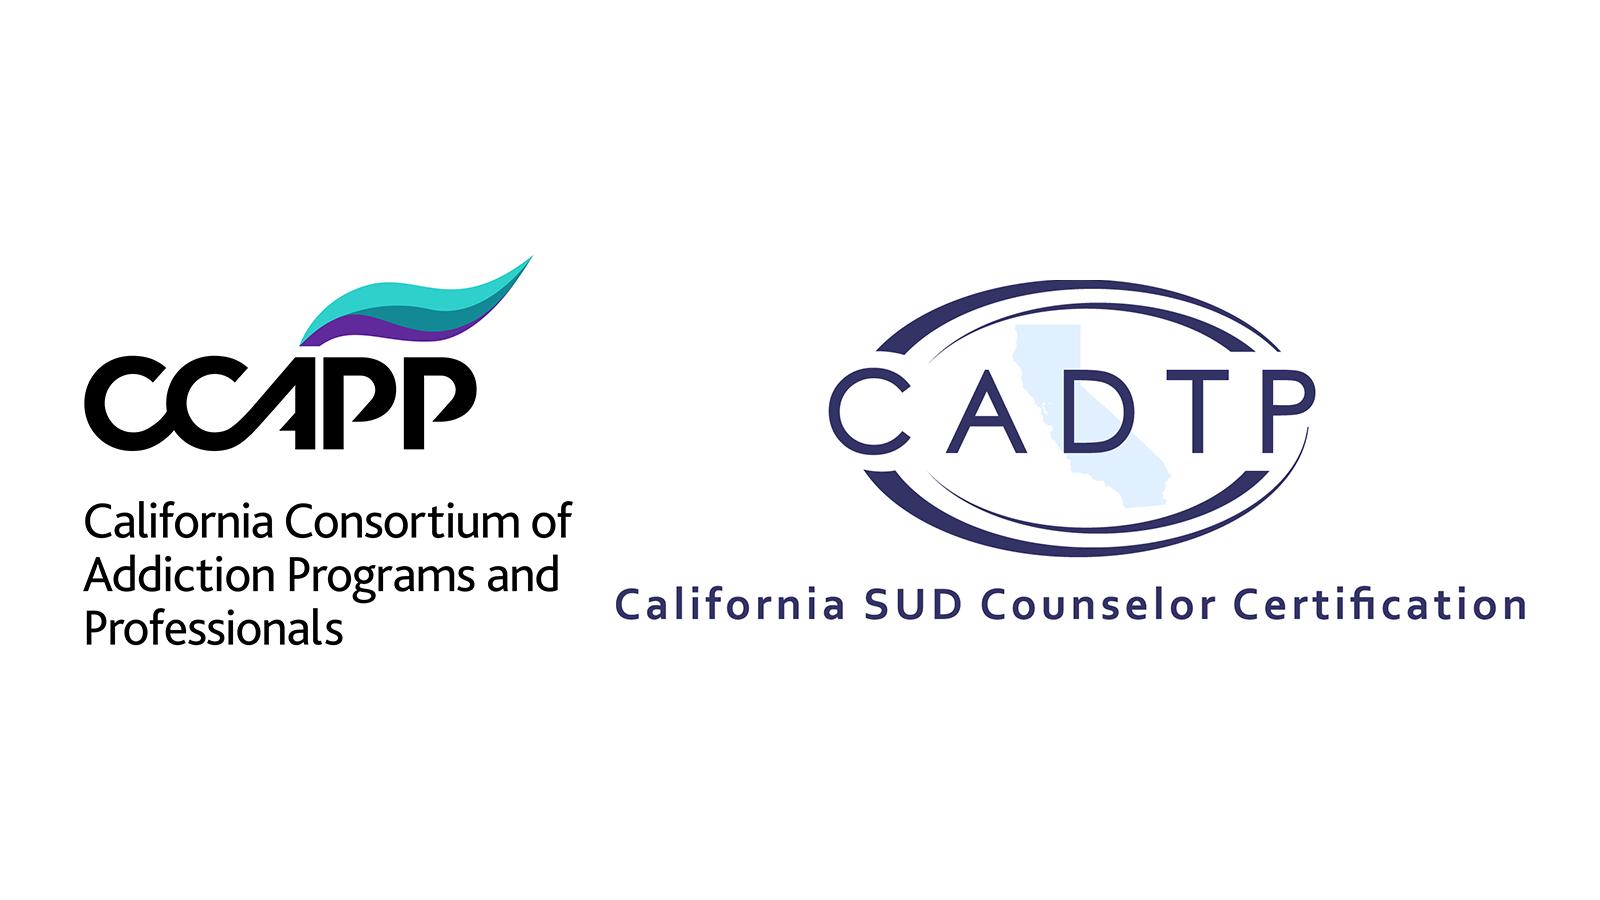 CCAPP and CADTP logos